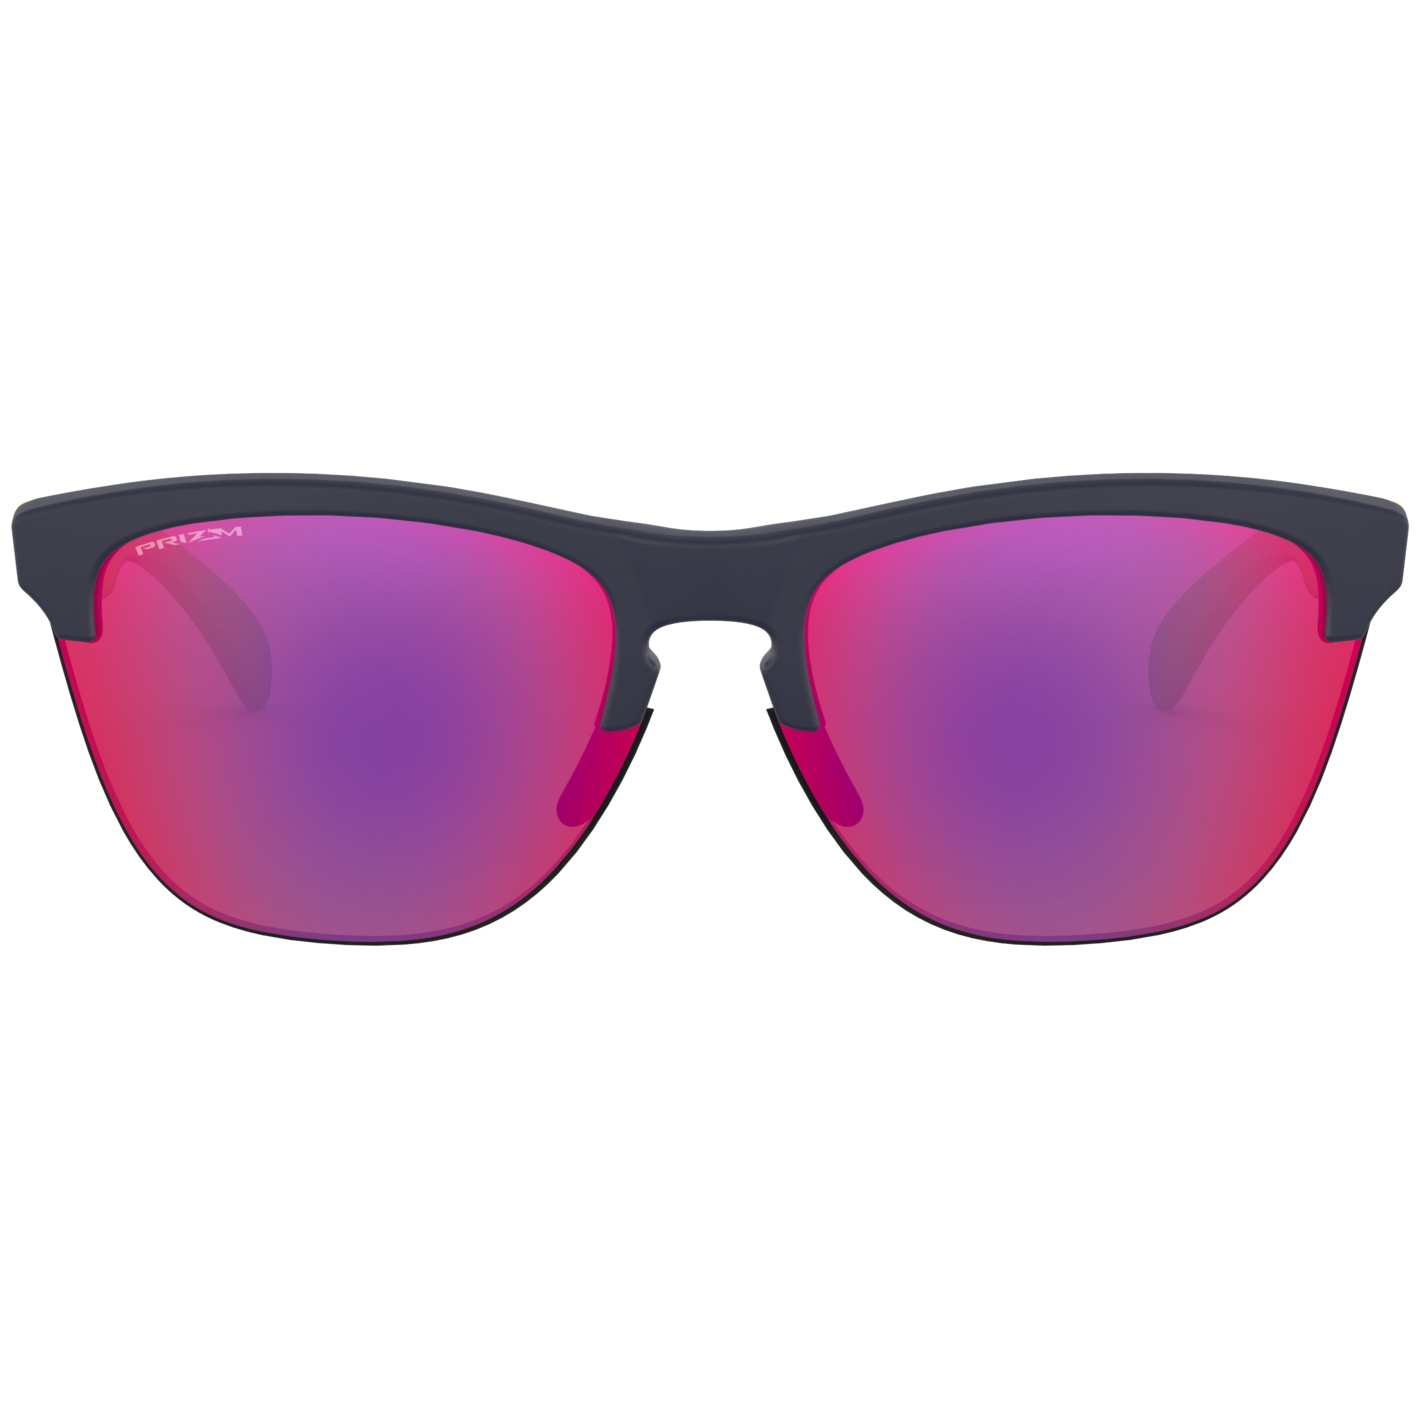 Oakley - OO9374 33563 - Frogskins Lite - Óculos de Sol